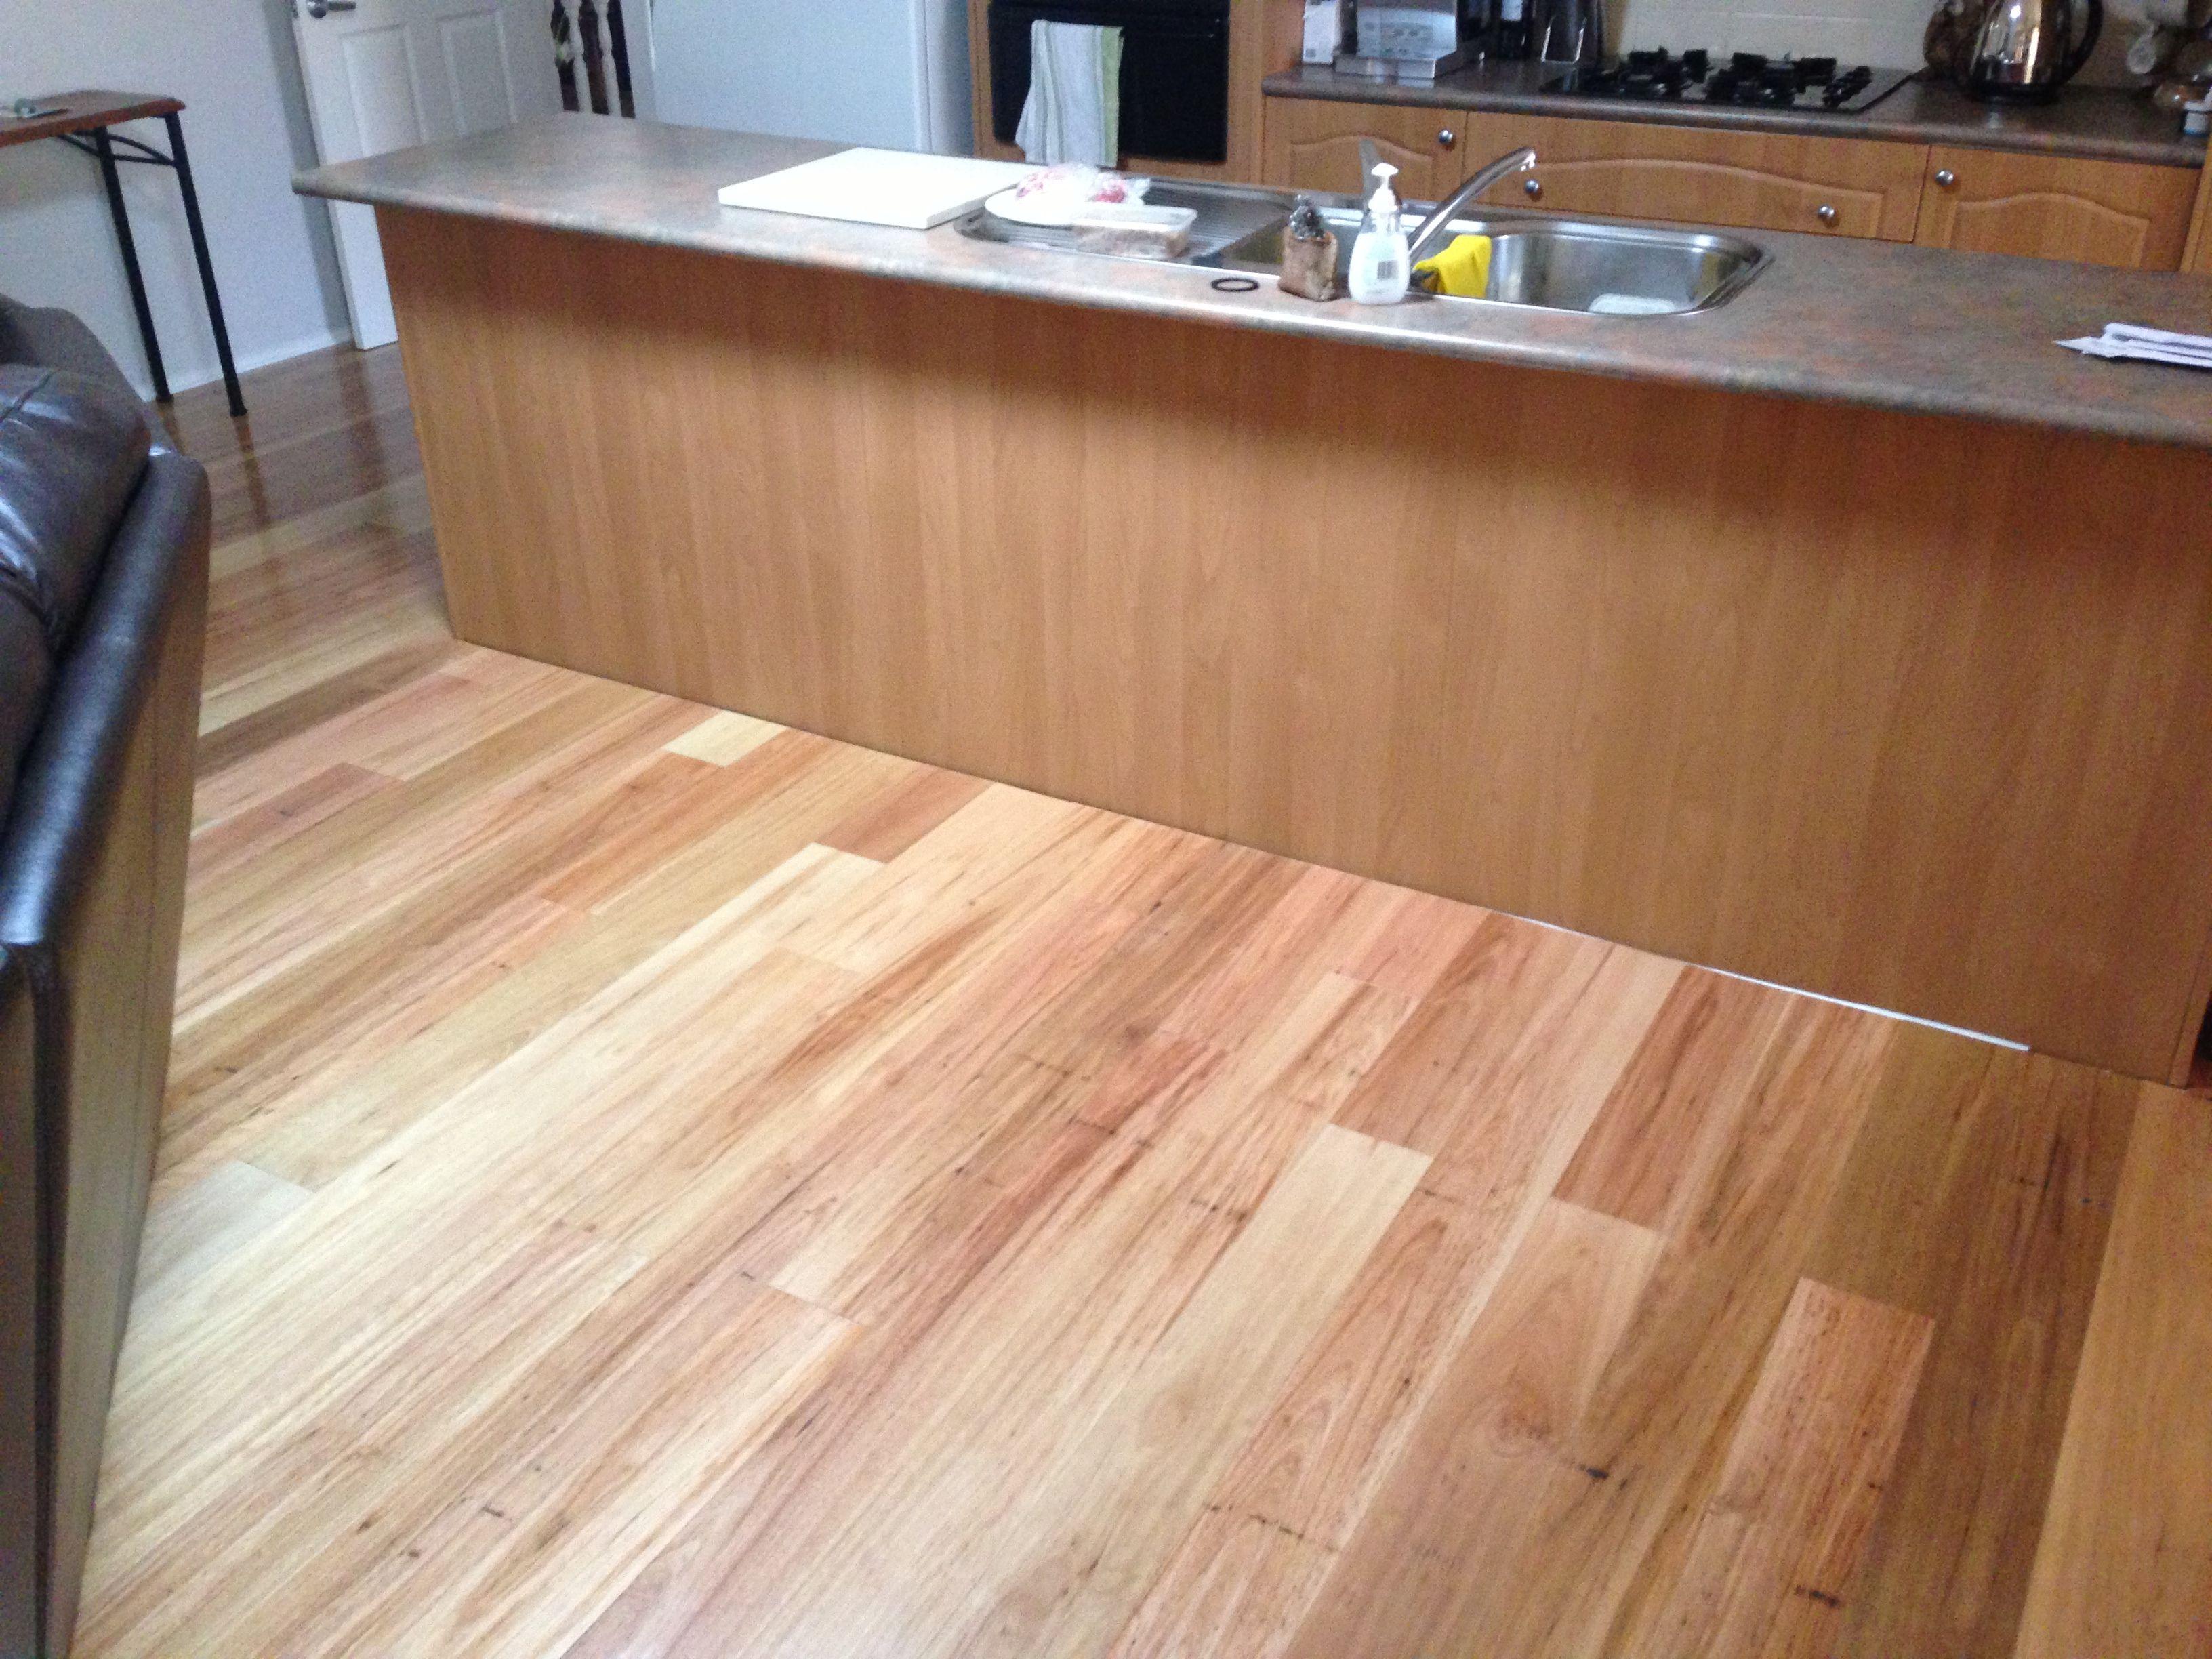 Timbermax timber flooring - Blackbutt  Timber flooring, Flooring